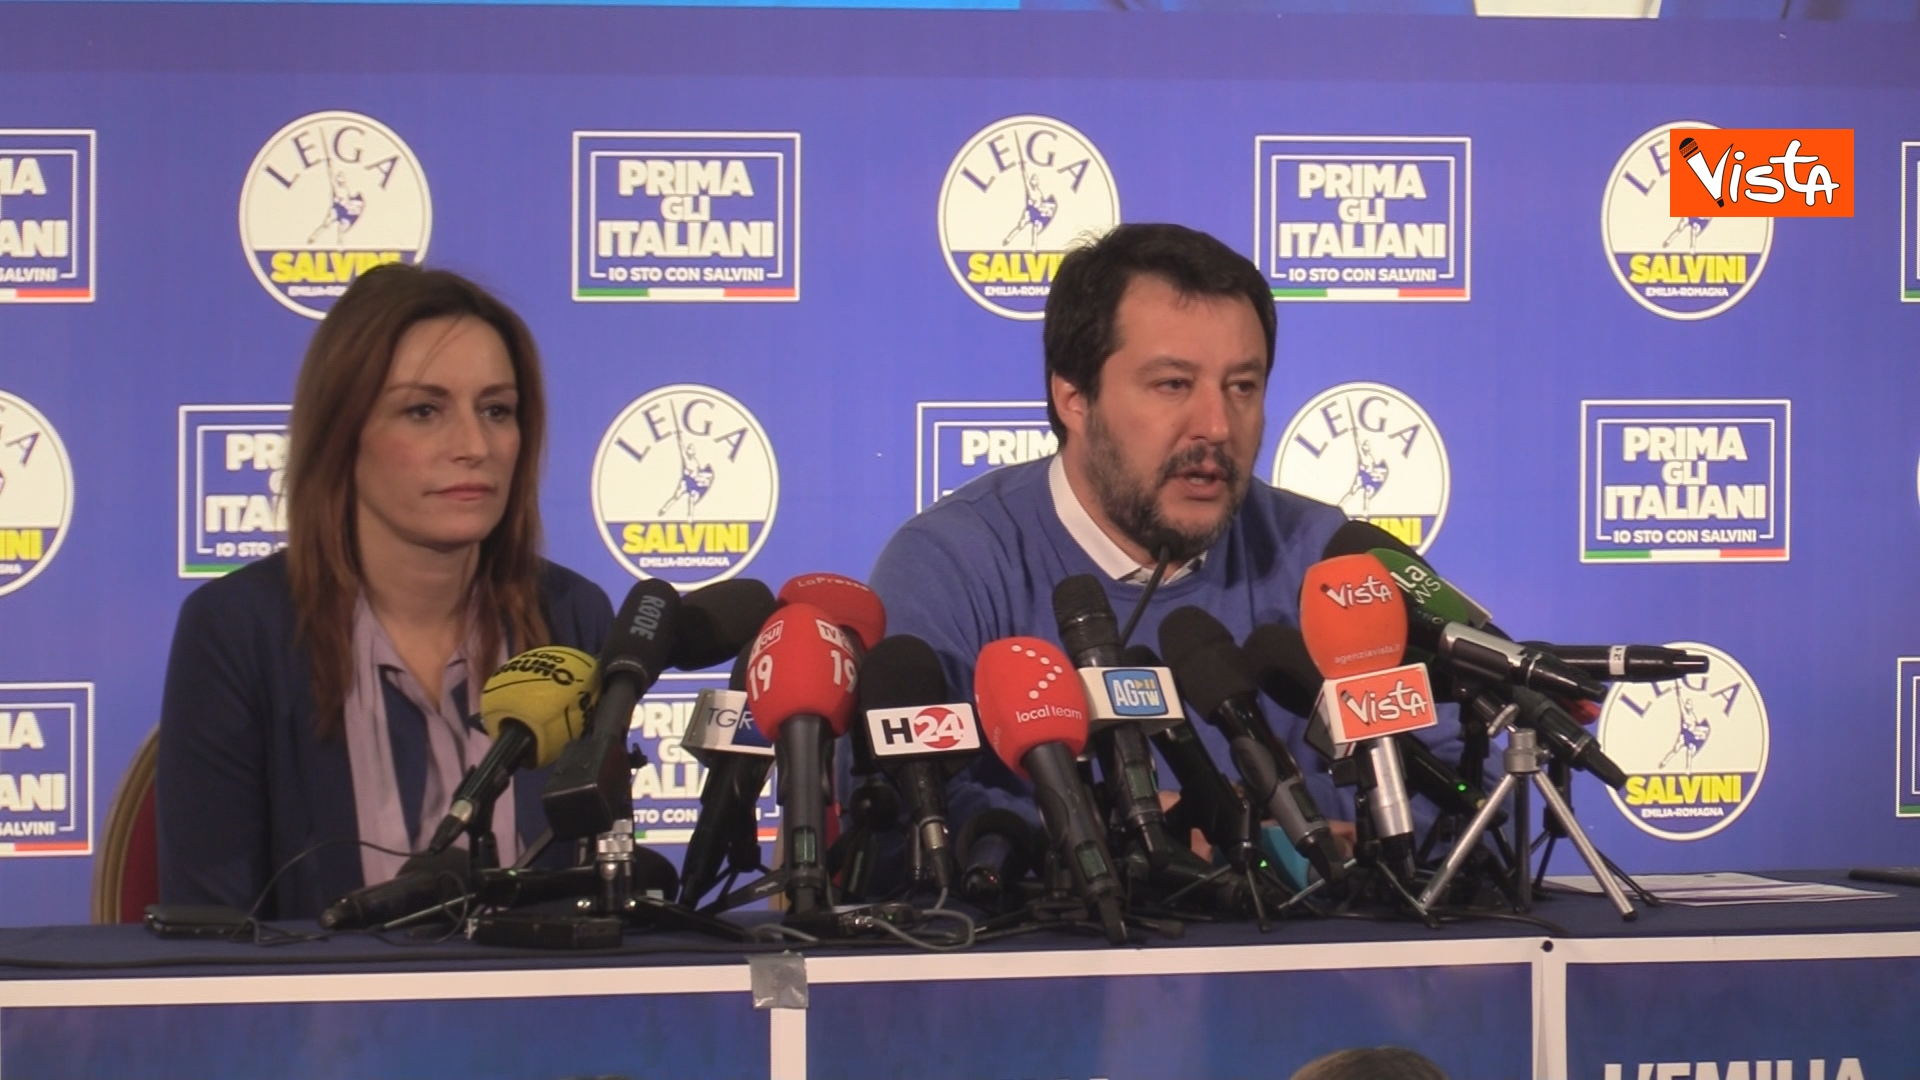 27-01-20 Salvini e Borgonzoni in conferenza stampa sul risultato del voto in Emilia-Romagna, le immagini